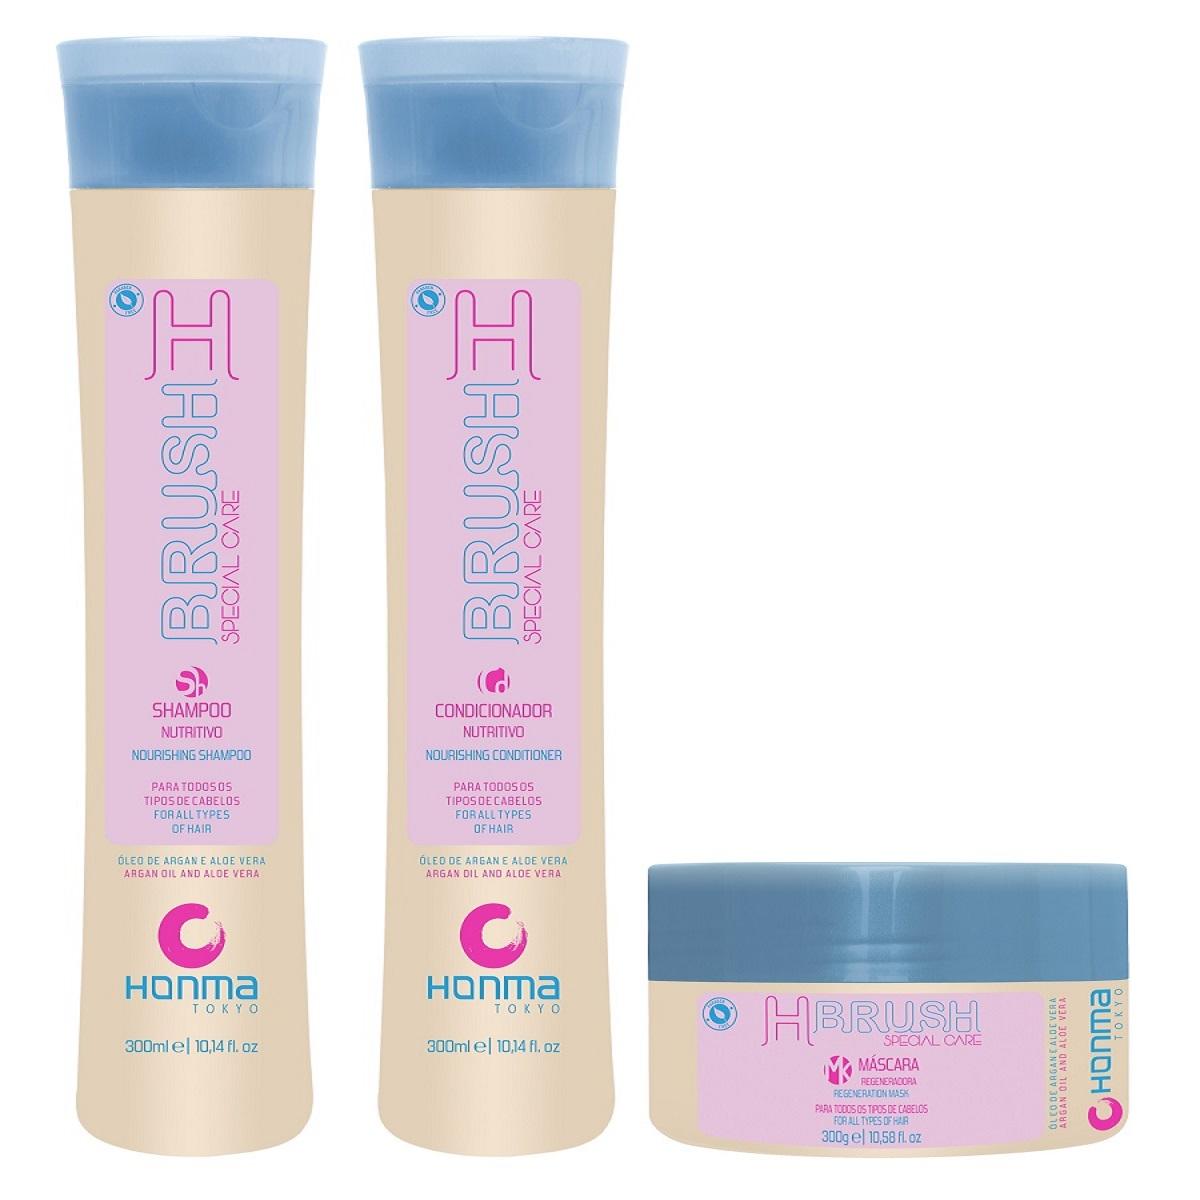 HONMA TOKYO Набор для продления эффекта гладкости волос ботокс для волос (шампунь 300 мл, кондиционер 300 мл, маска 300 мл) H-Brush Special Care - Наборы